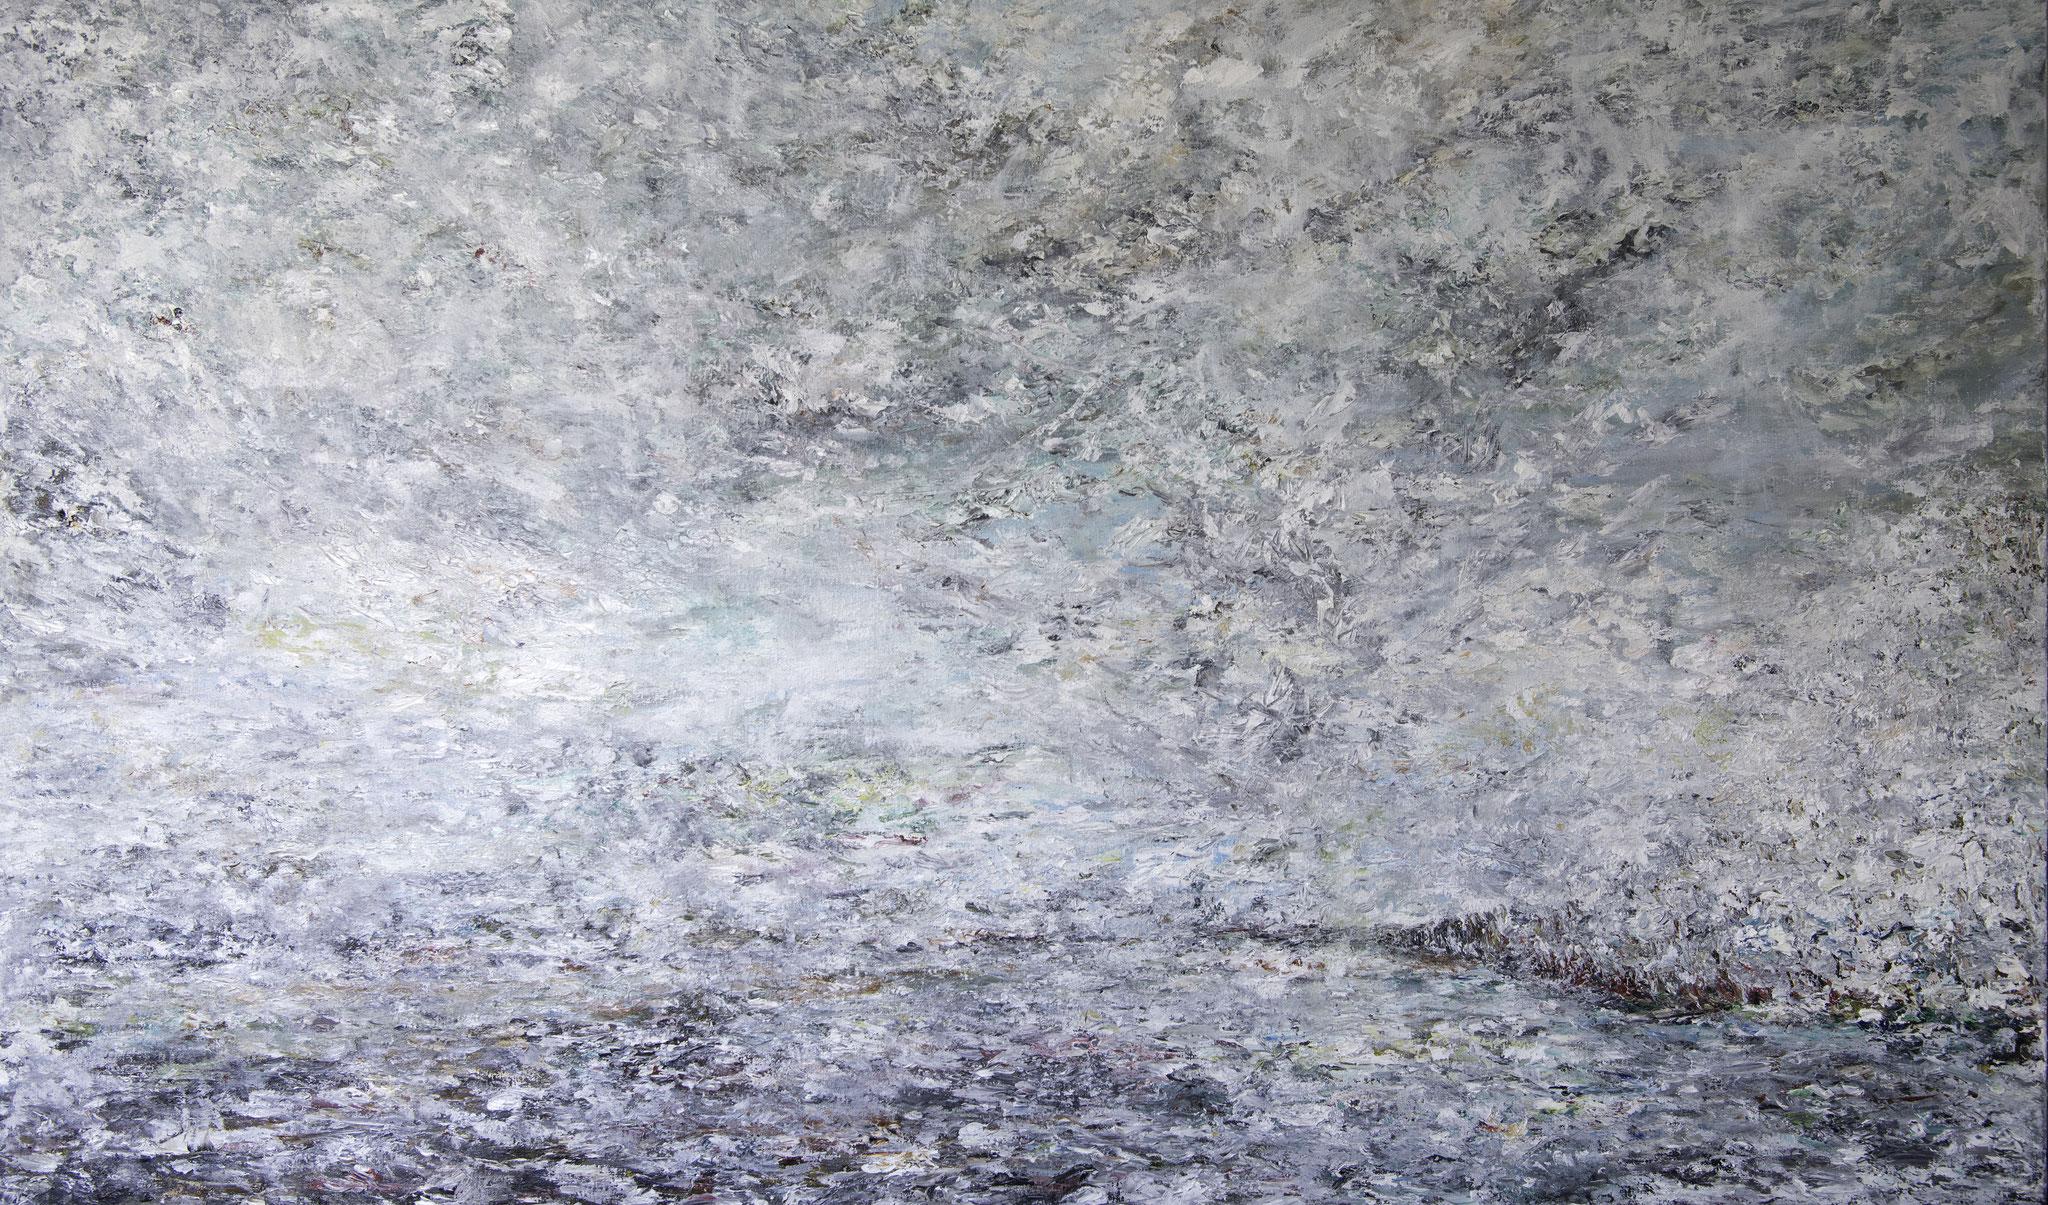 Seascape 27 - 150 x 90 cm